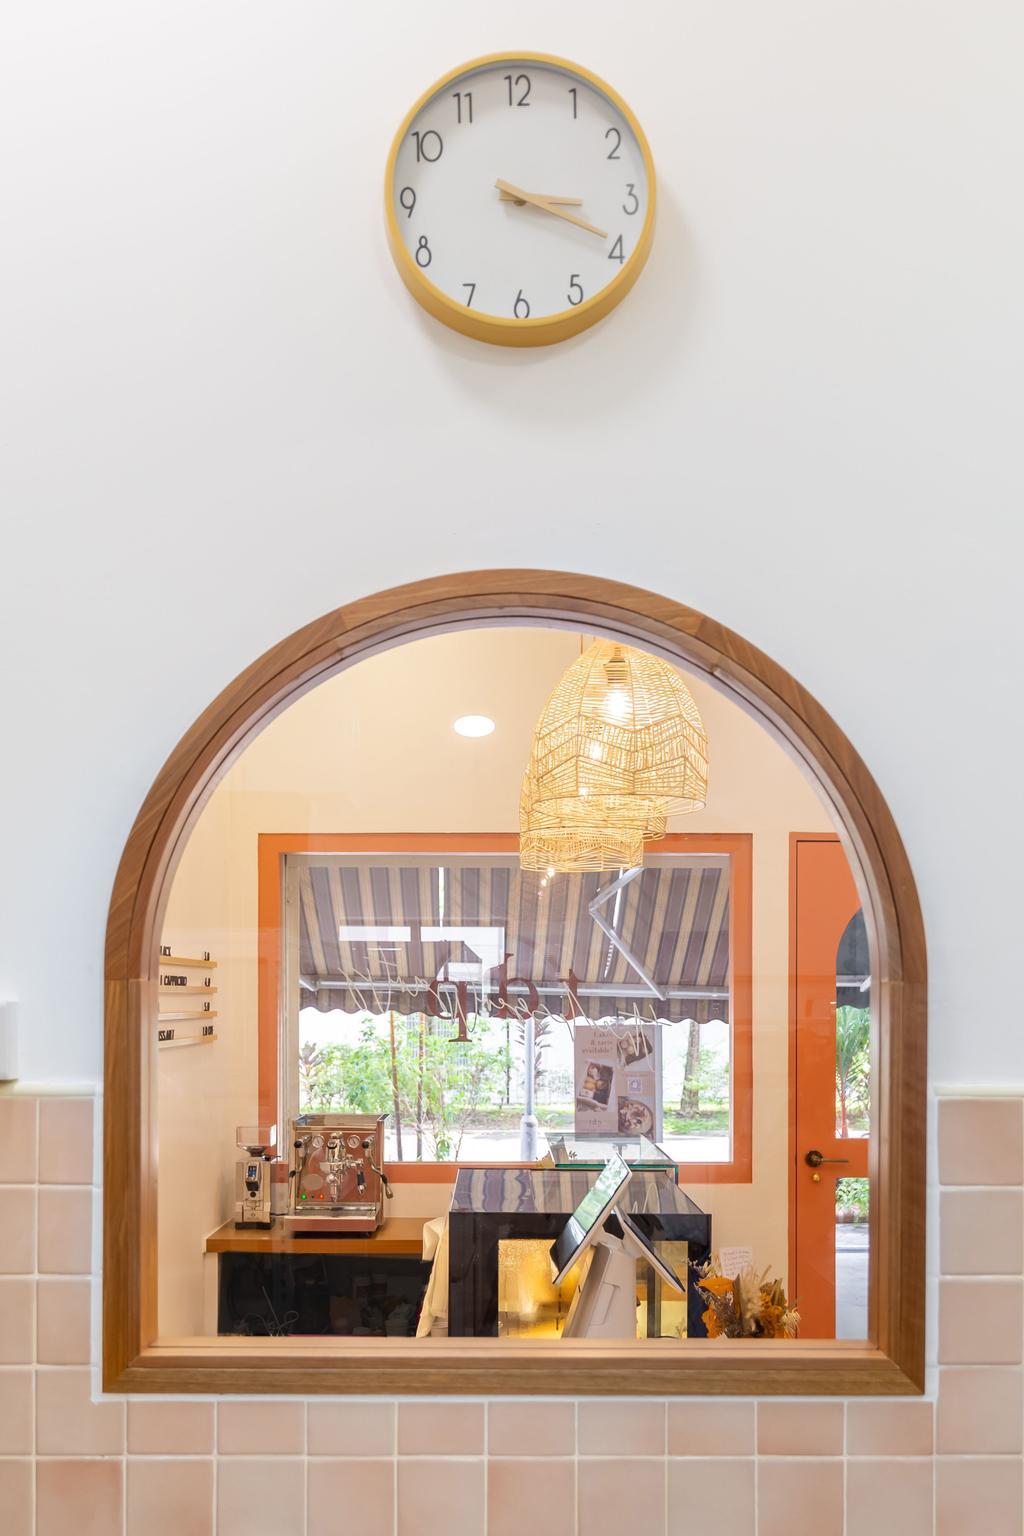 Tampines Street 41, Commercial, Interior Designer, Atum Interior, Eclectic, Vintage